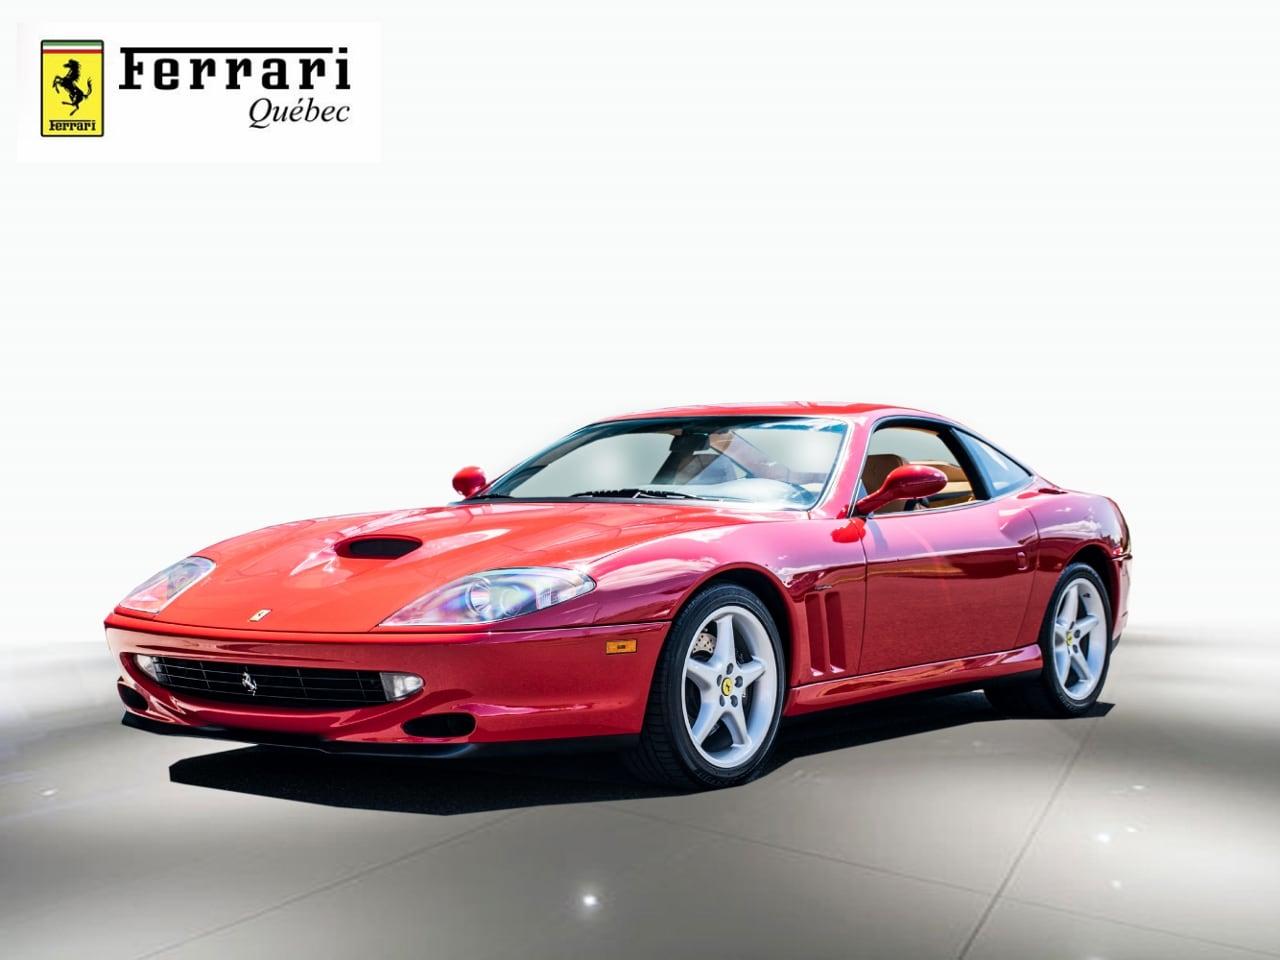 1998 Ferrari 550 Maranello - CLASSICHE Coupe